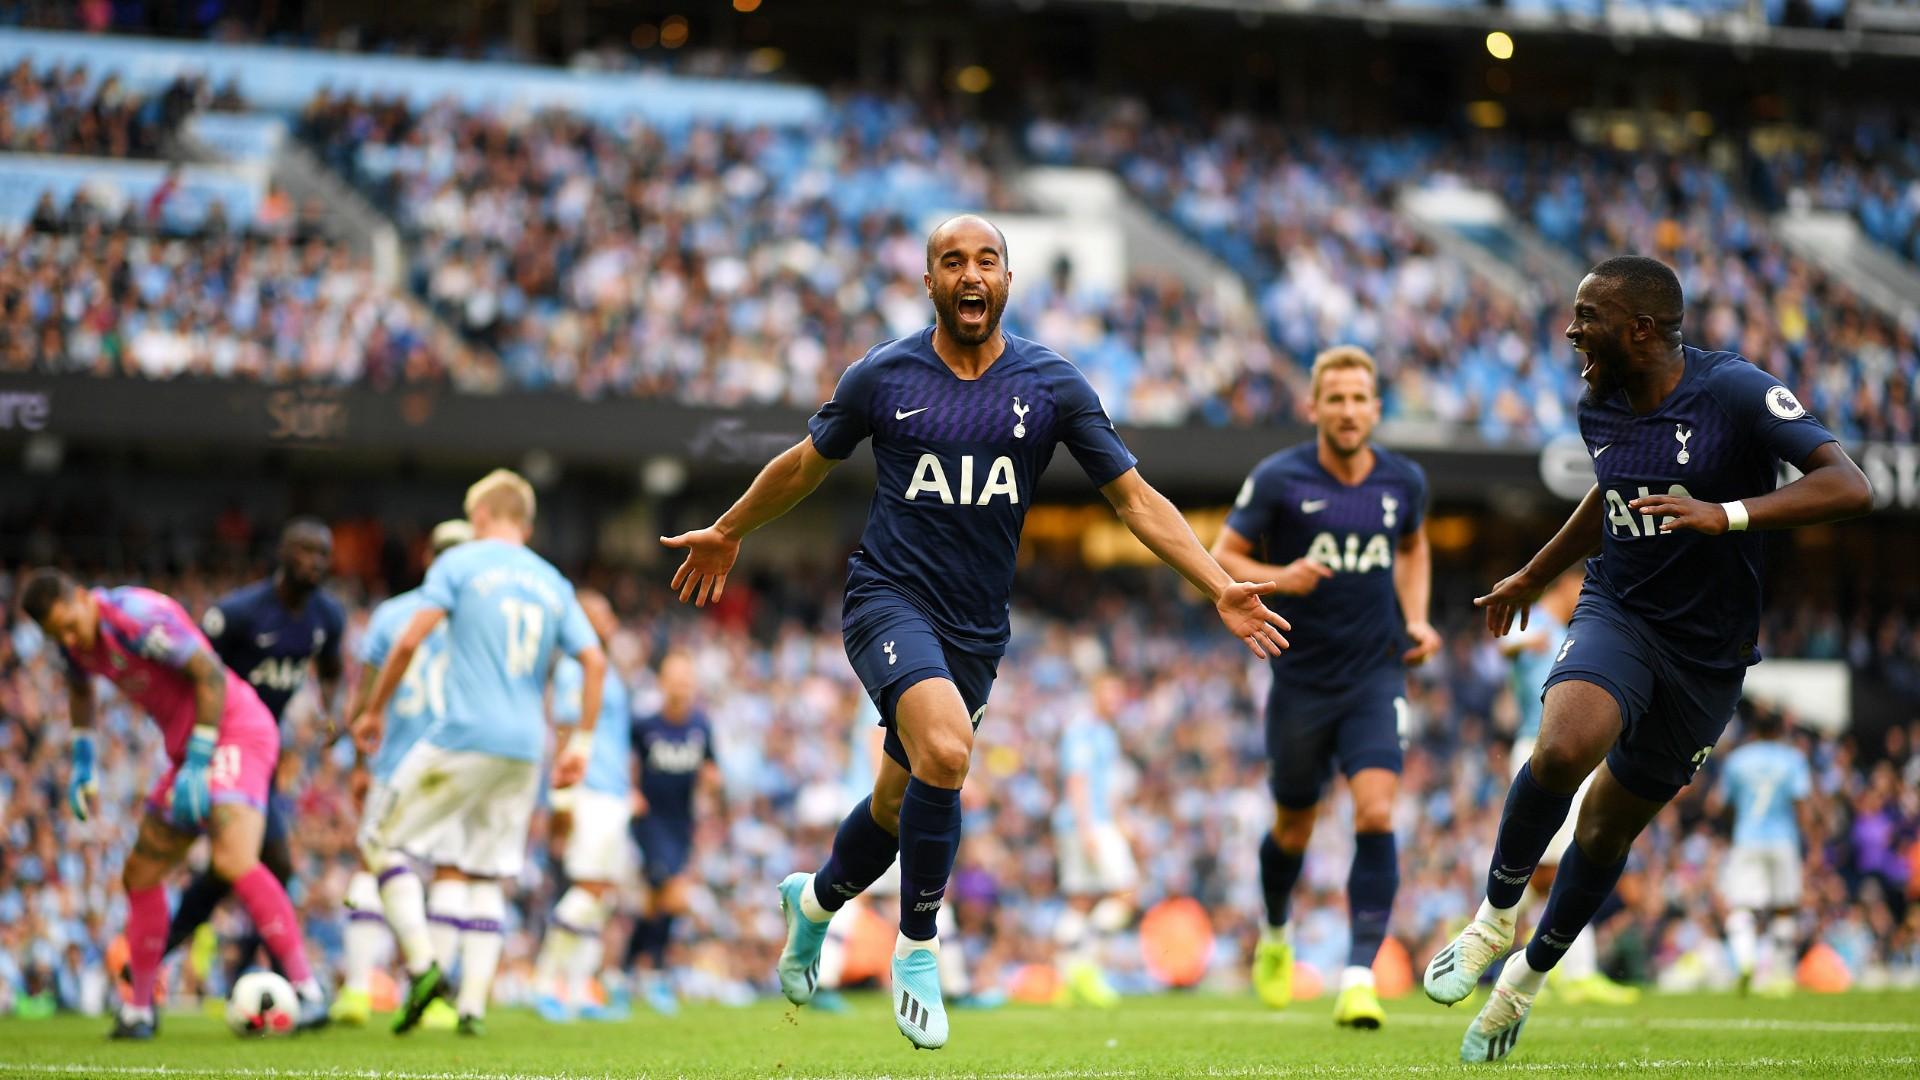 Manchester City joga melhor, mas Tottenham arranca empate com gol de Lucas Moura